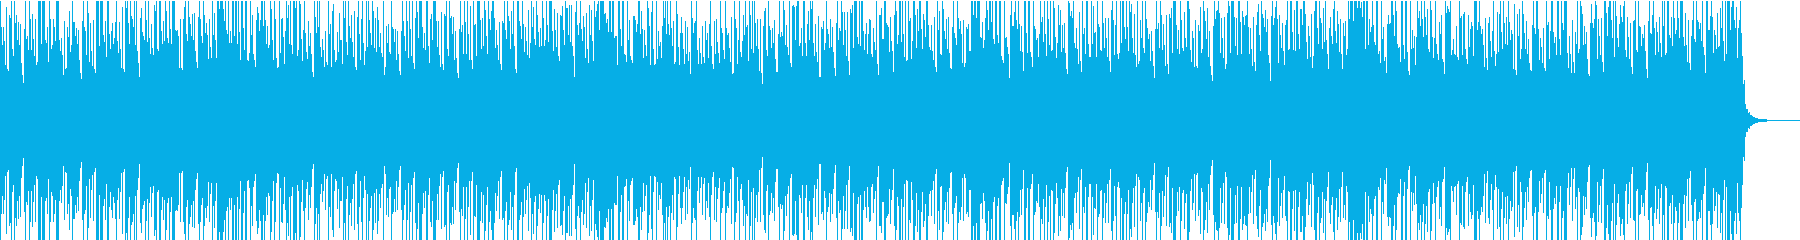 動画にぴったりなほのぼの日常系BGMの再生済みの波形